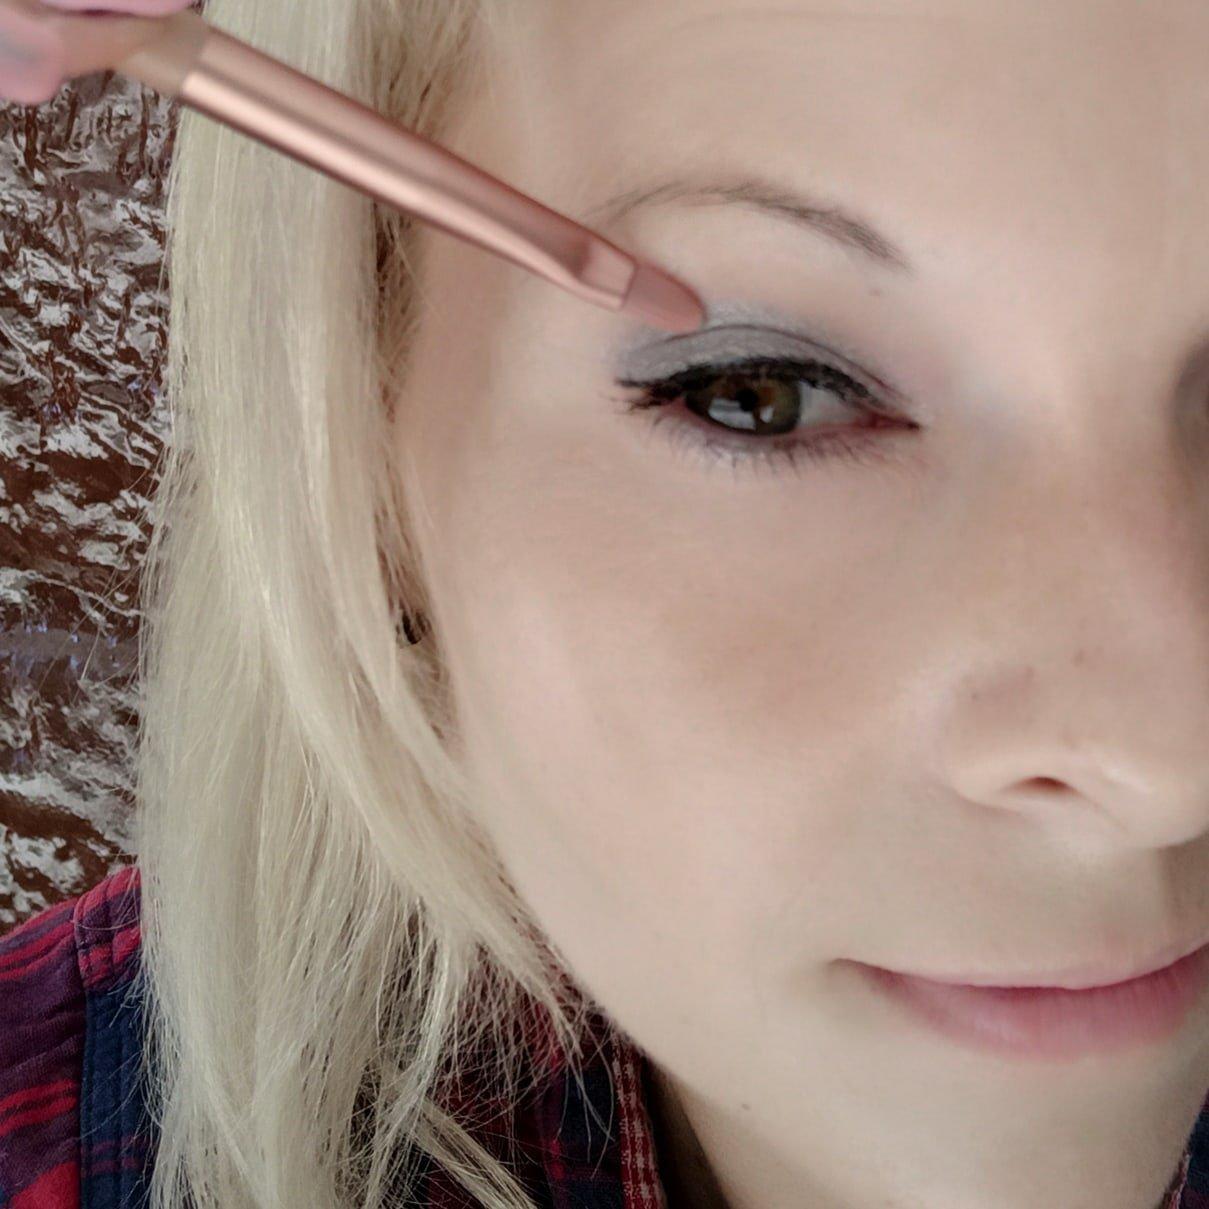 Набор кистей для макияжа от ANMOR - инструкция